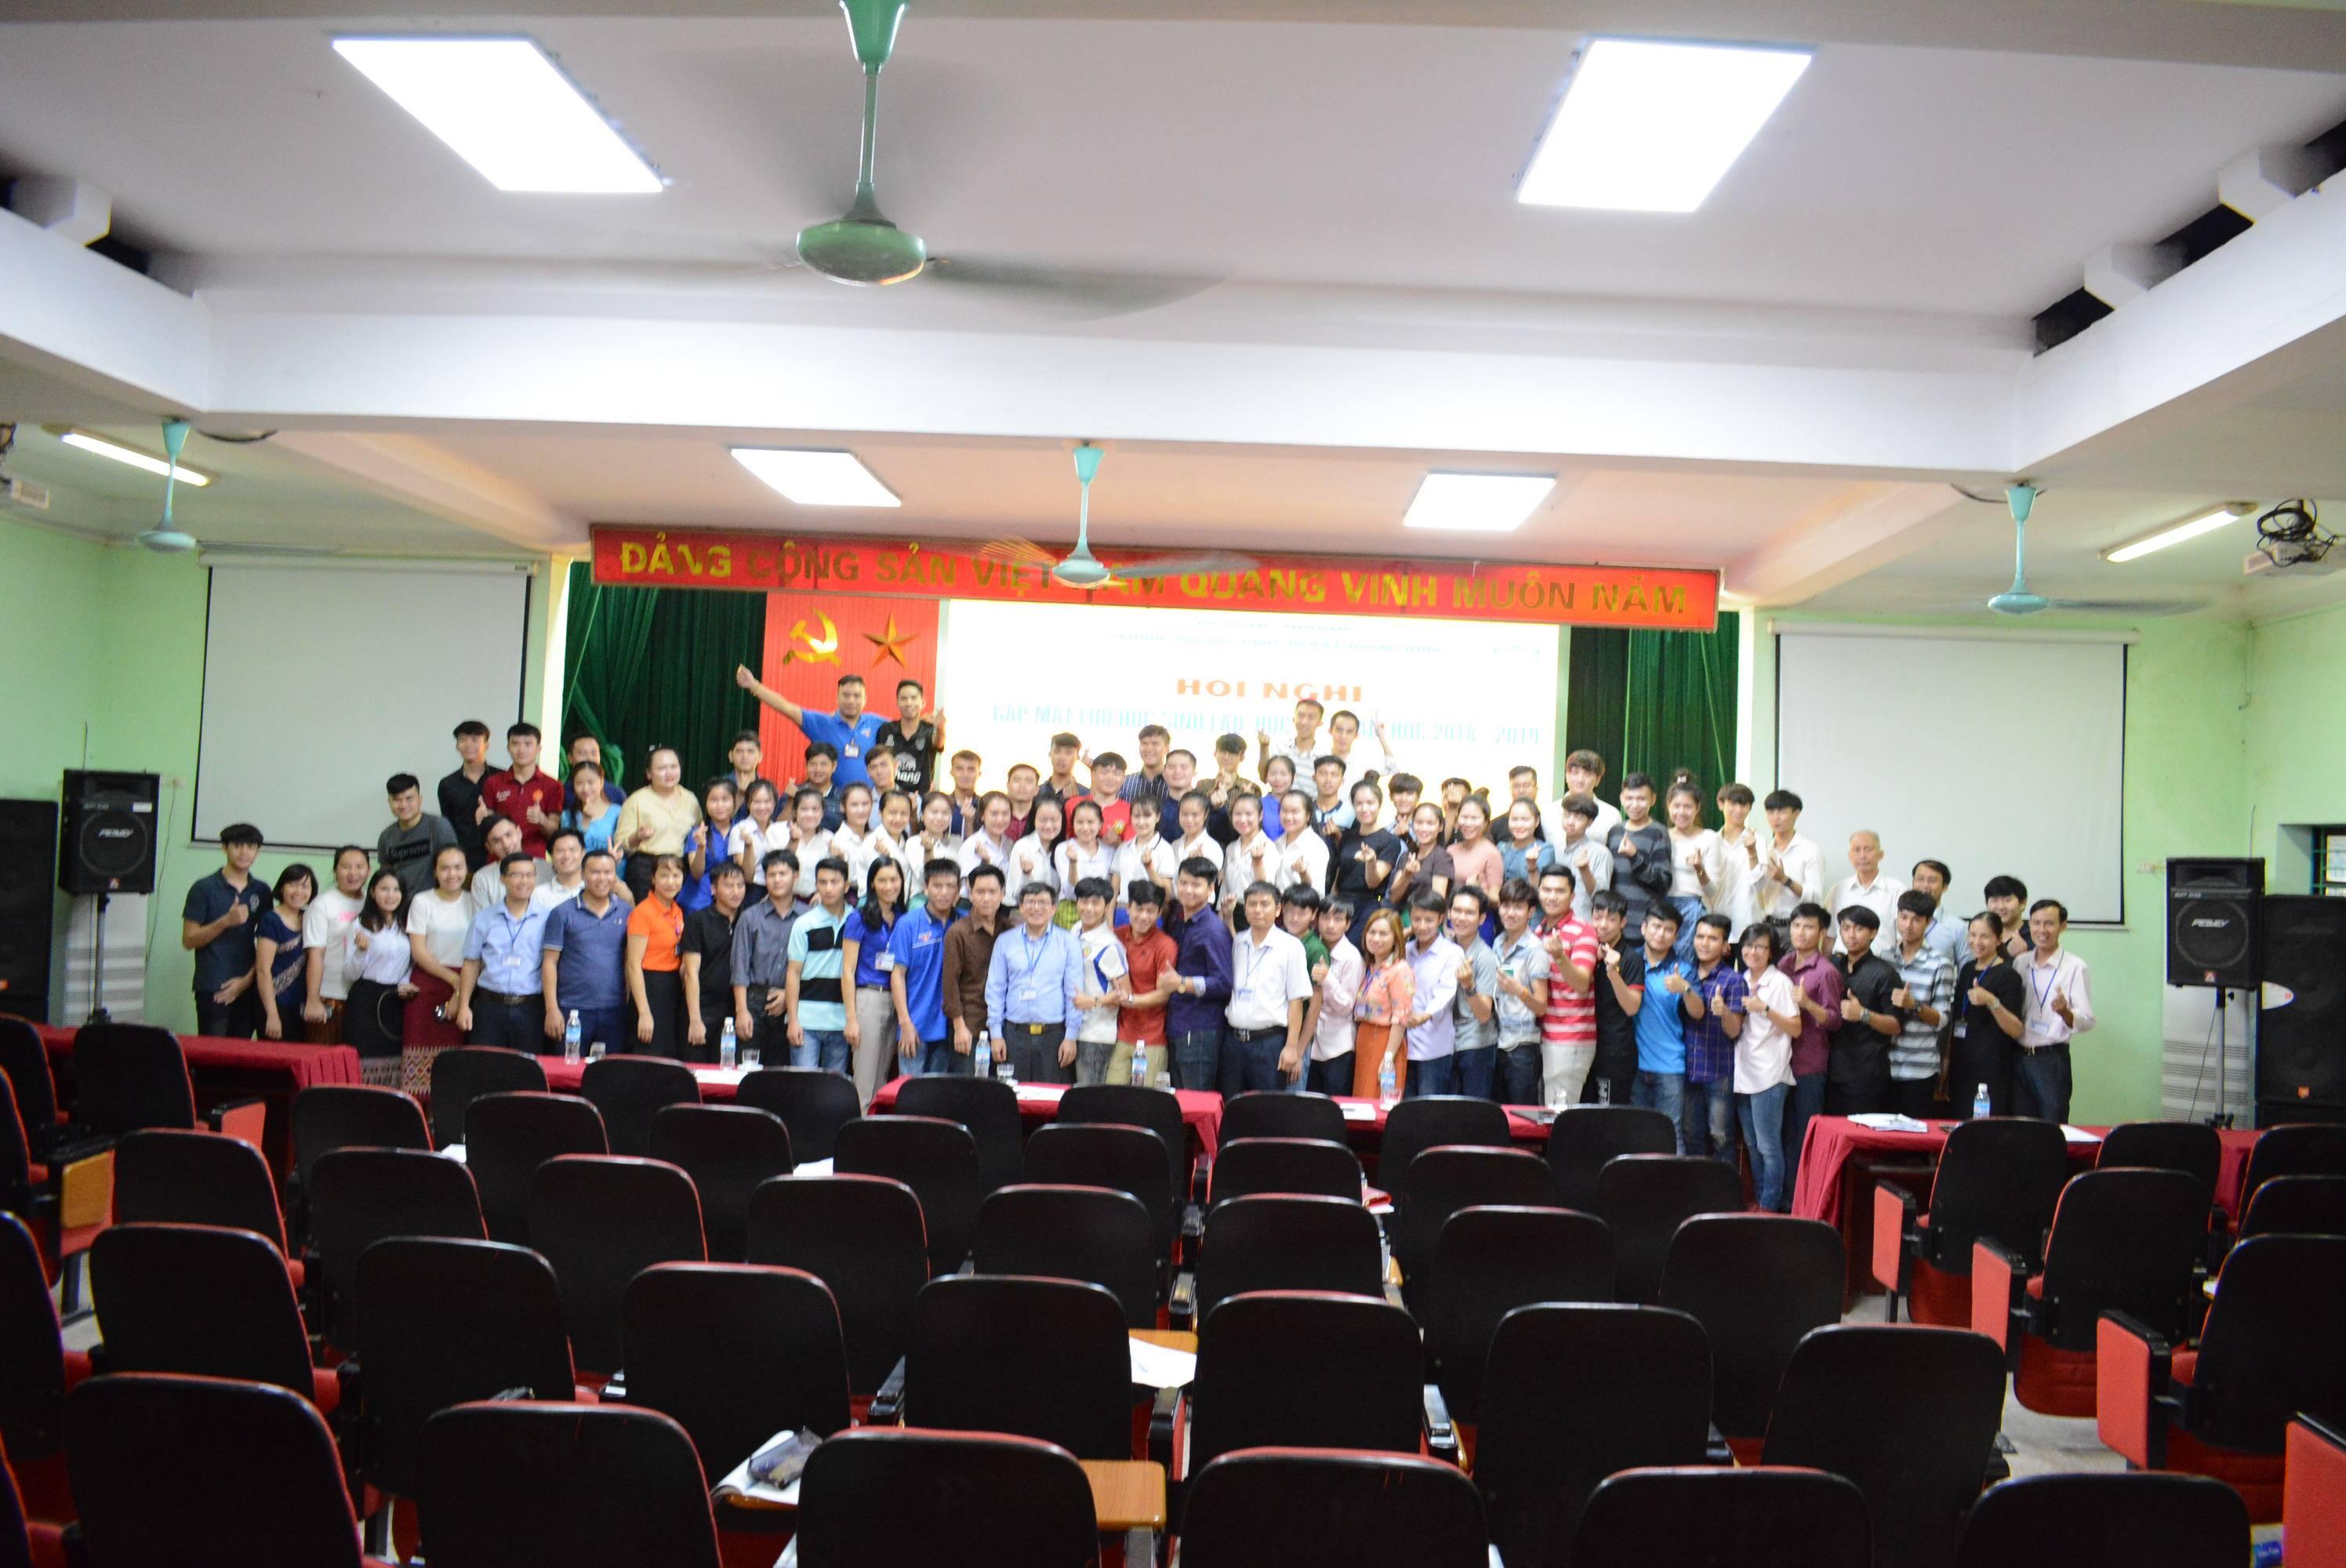 Lãnh đạo nhà trường gặp mặt và đối thoại với lưu học sinh Lào